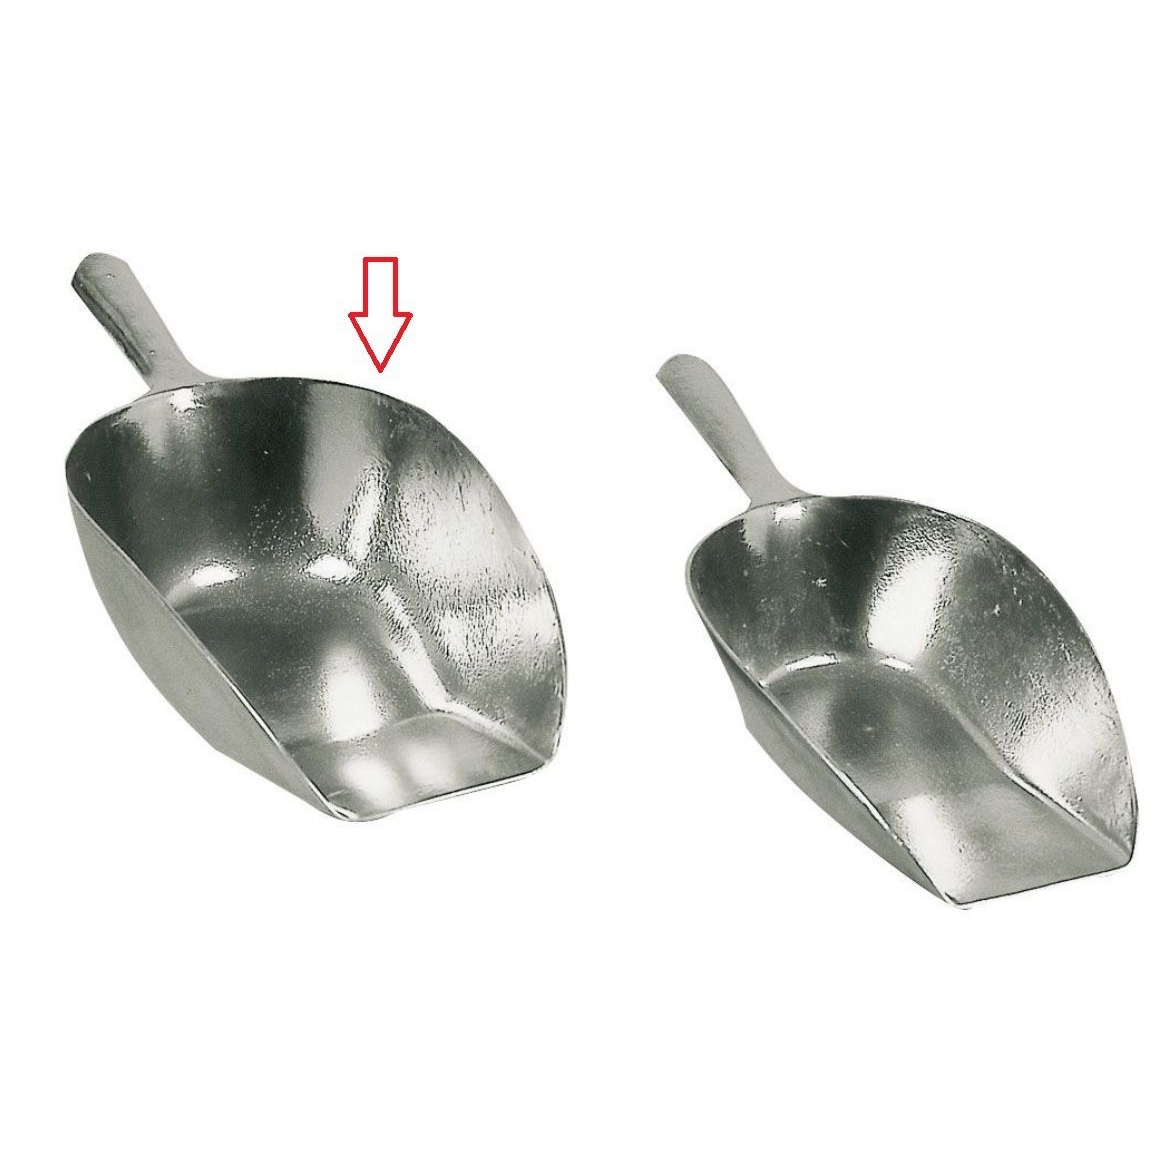 Kerbl Abwiegeschaufel eckig, aus Aluminium, Bild 2